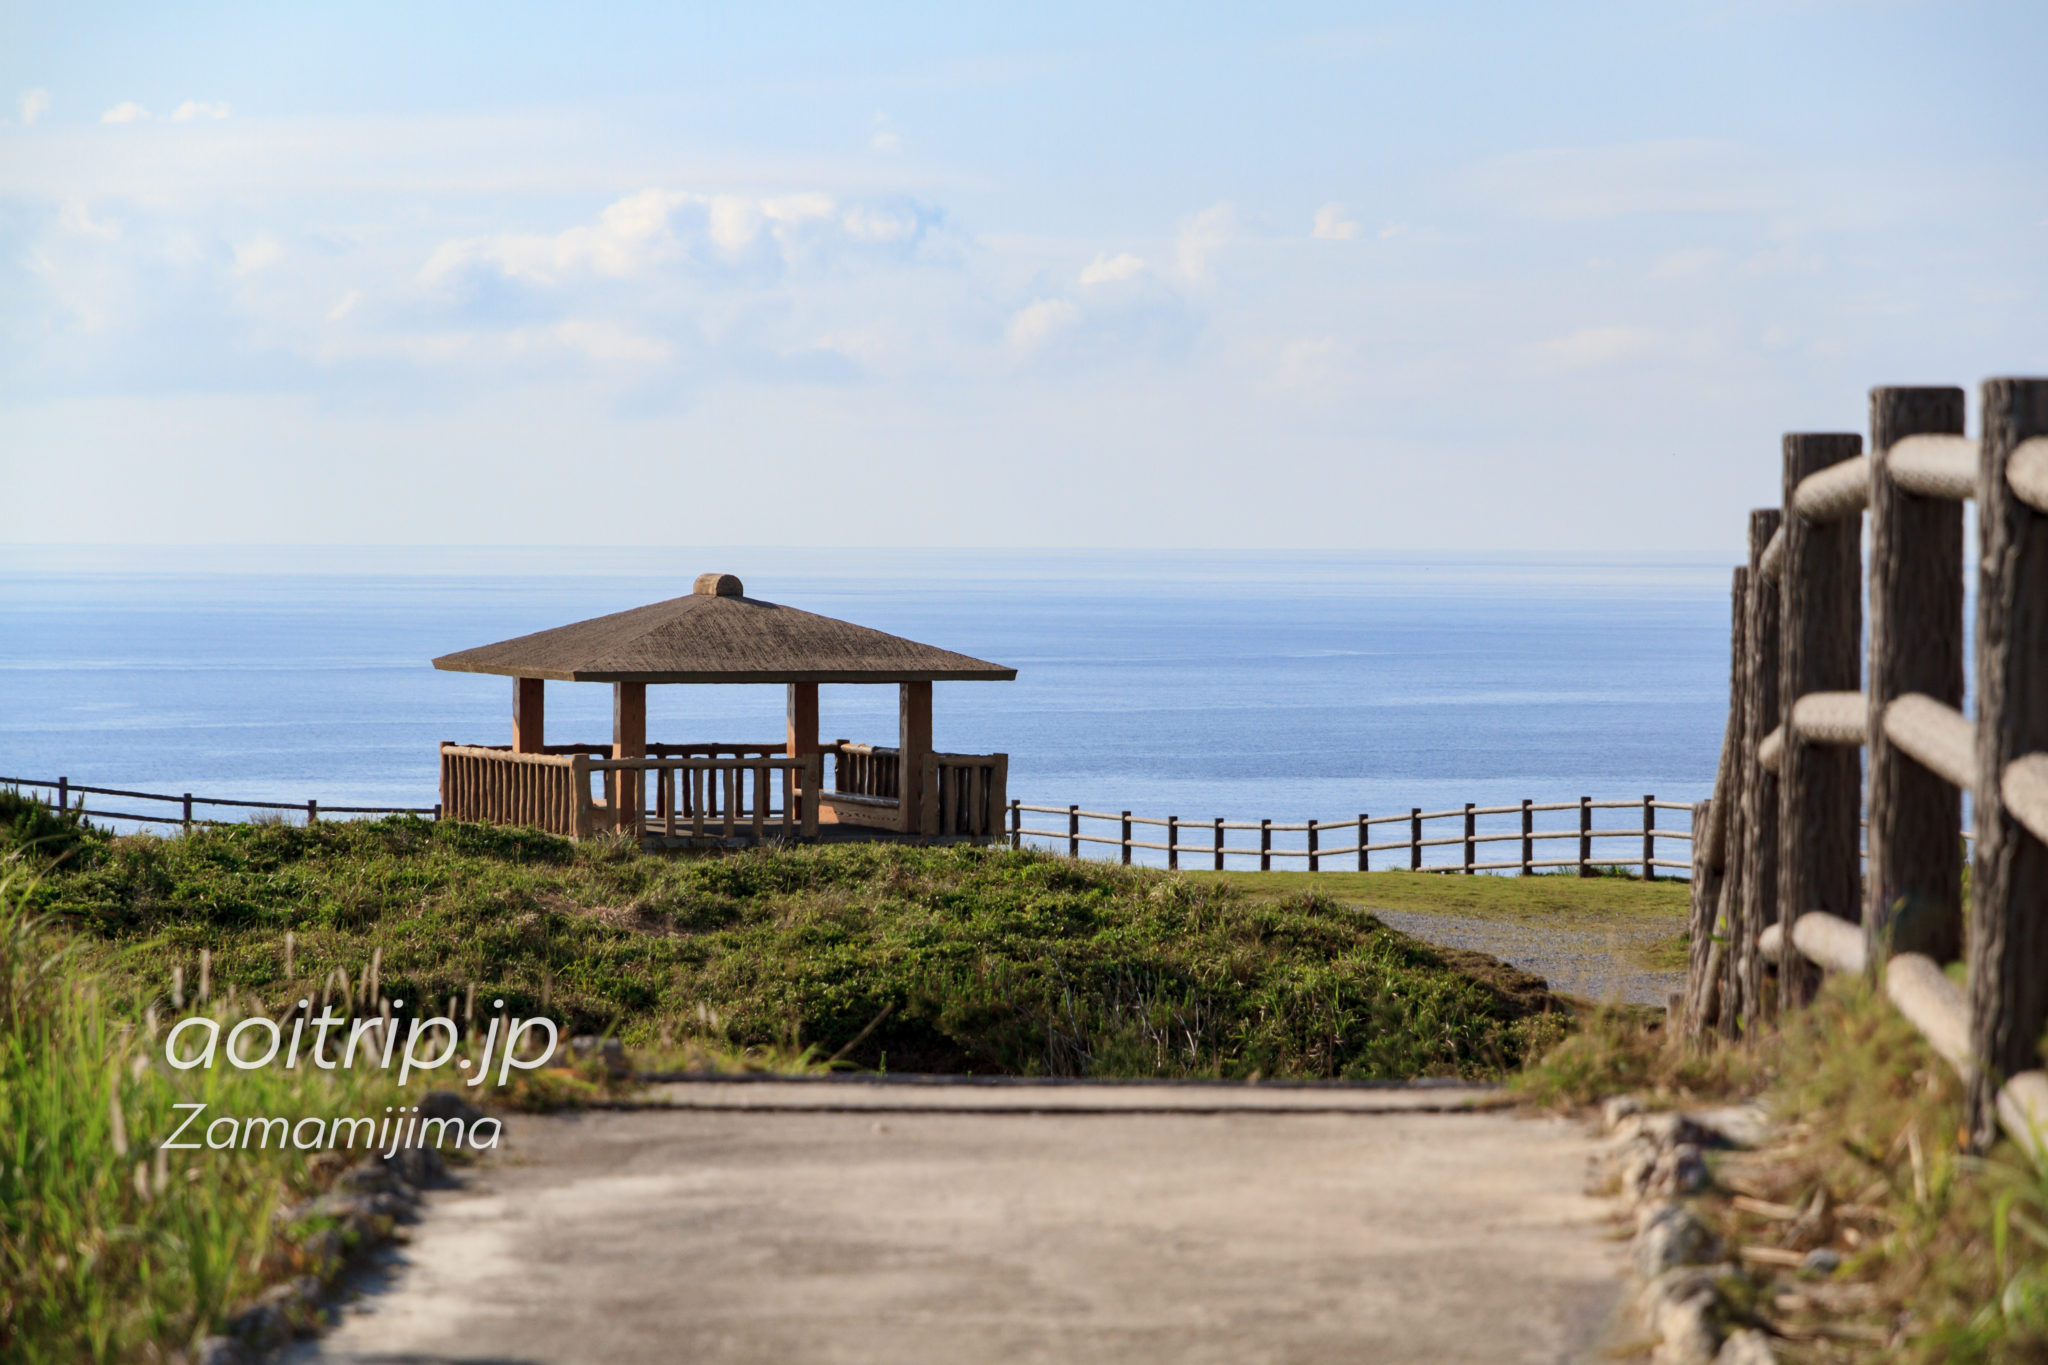 座間味島のウナジノサチ展望台